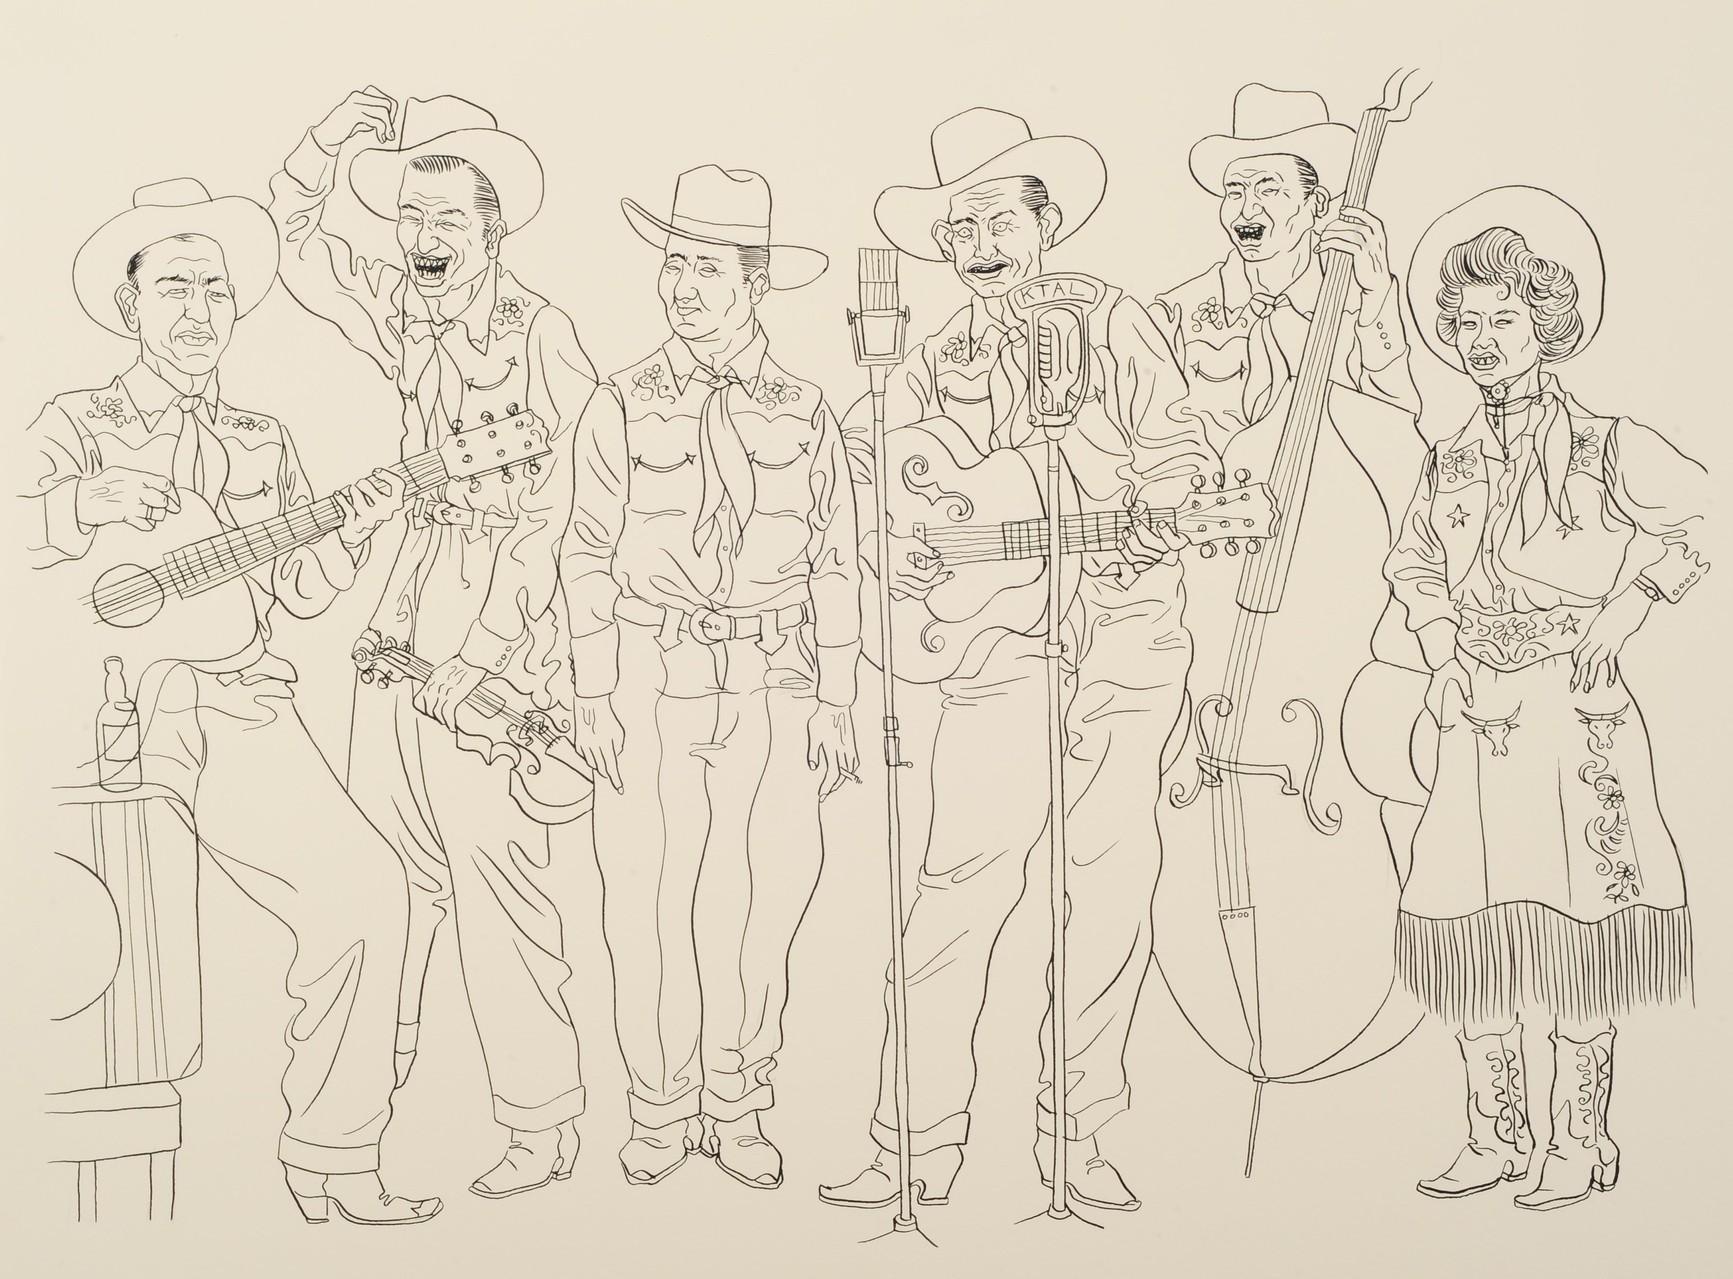 Zeichnung 234 Honky Tonk Band, Tusche auf Karton, 2010, 36 x 48 cm